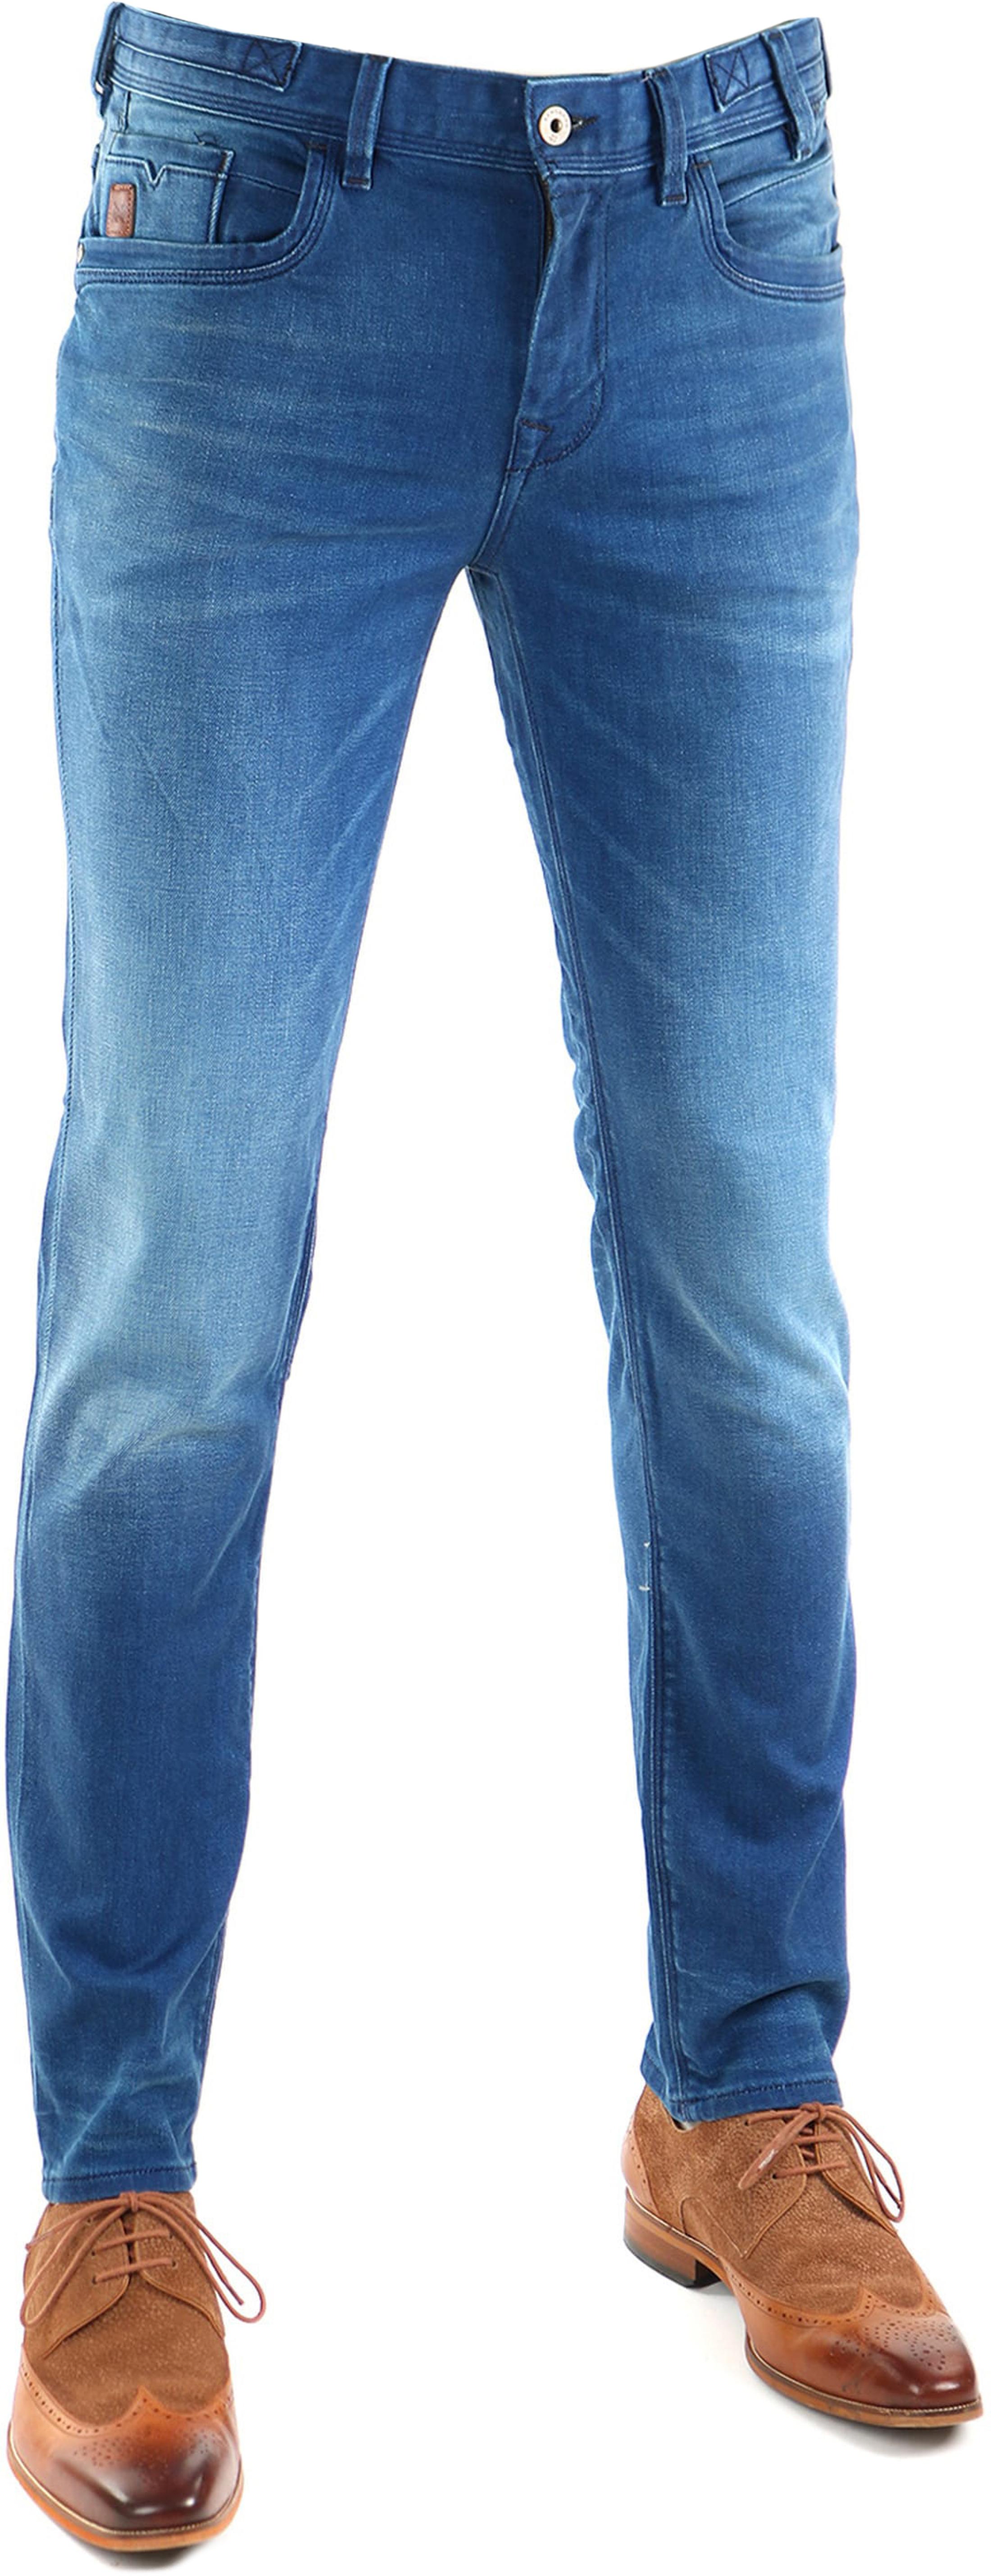 Vanguard V8 Racer Jeans Bright Blue foto 0